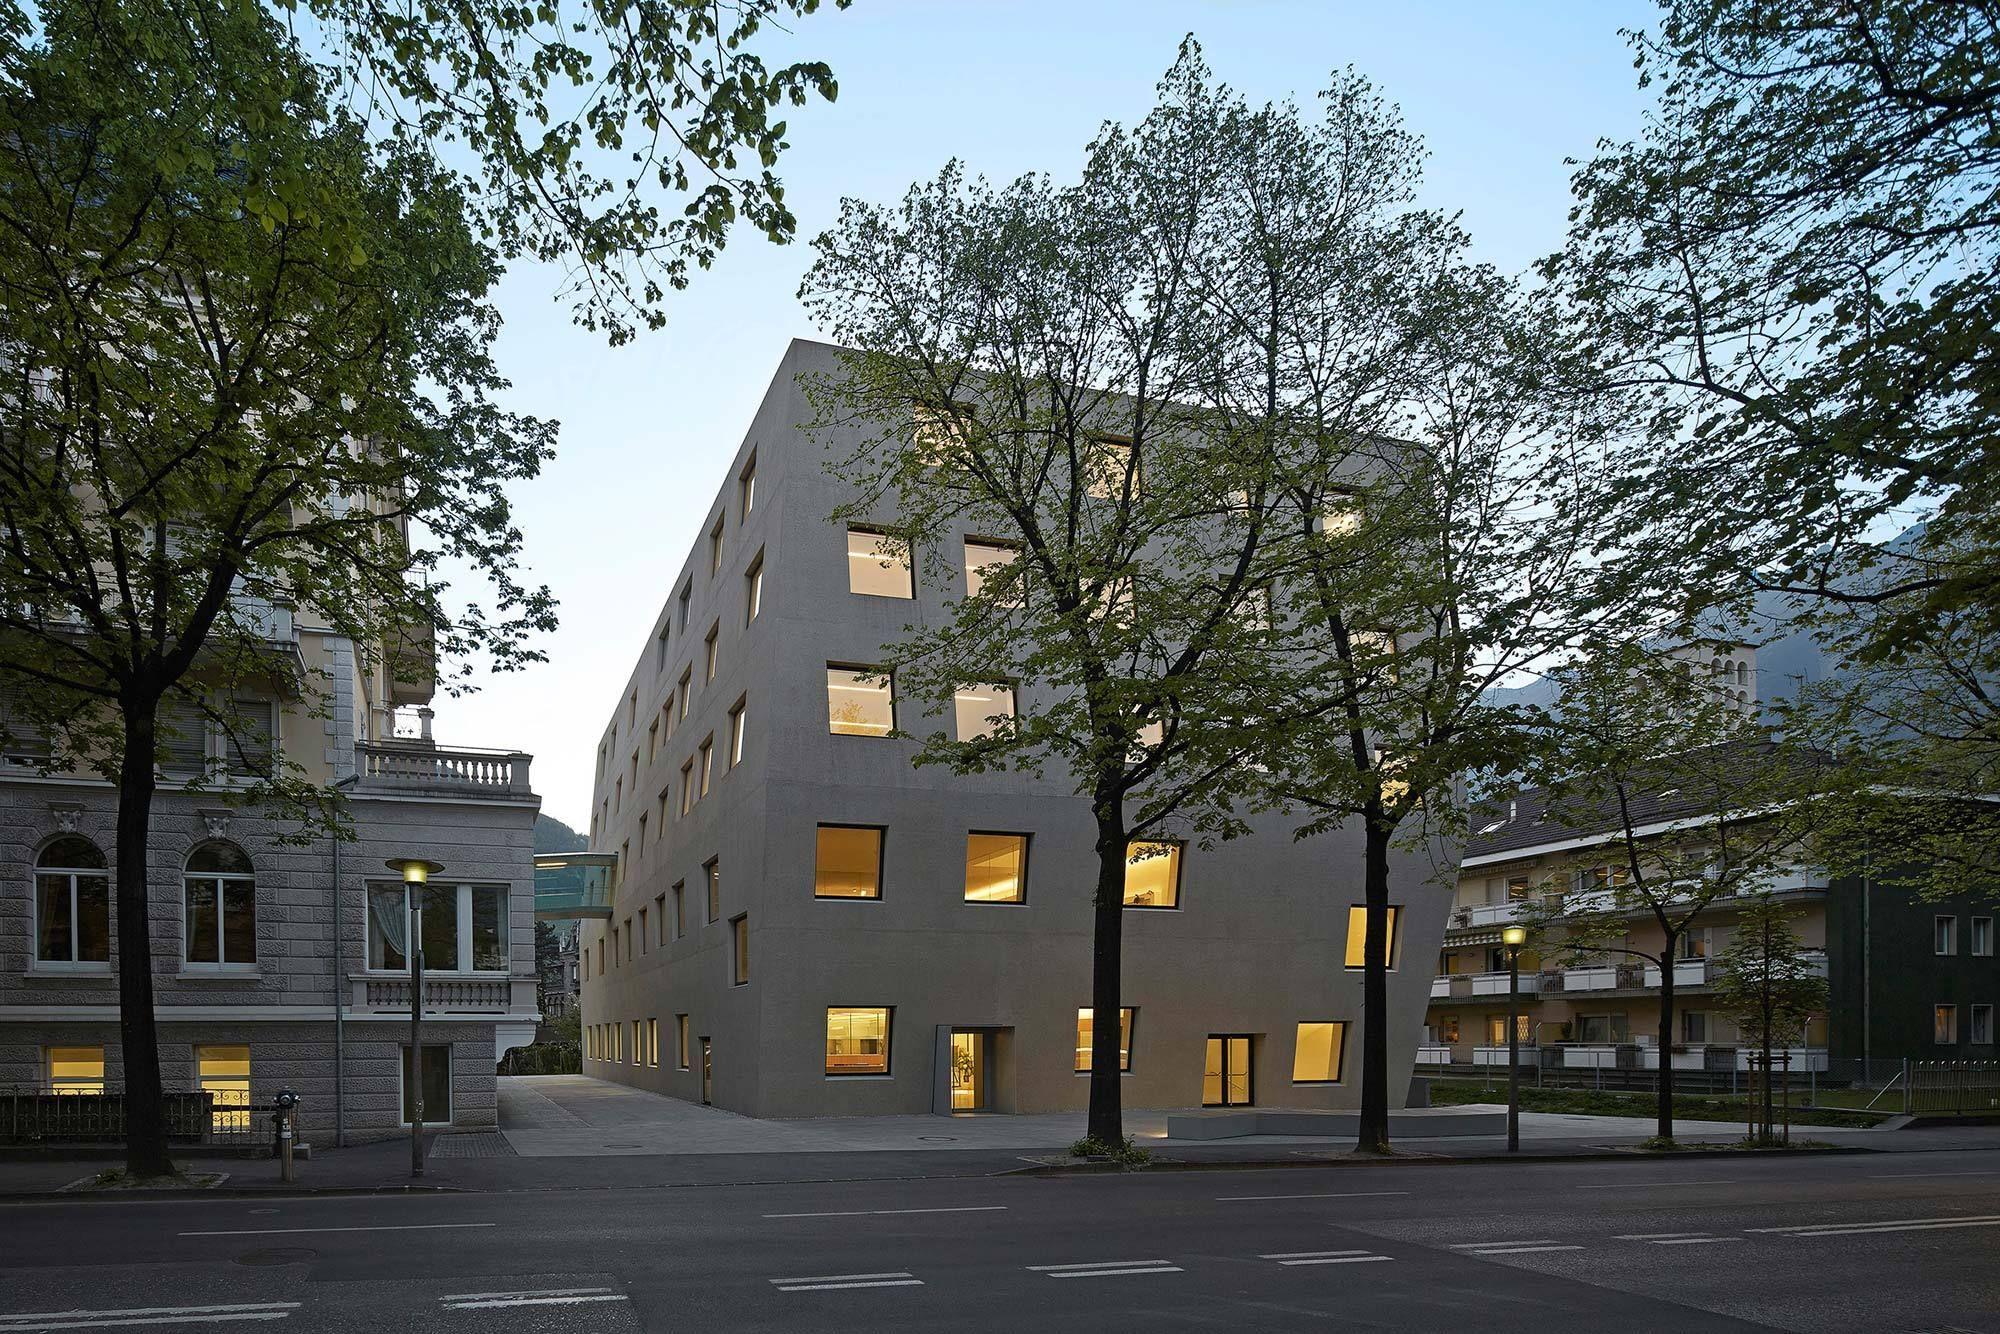 Berufsschule in Meran / Felsblock aus Sichtbeton - Architektur und Architekten - News / Meldungen / Nachrichten - BauNetz.de